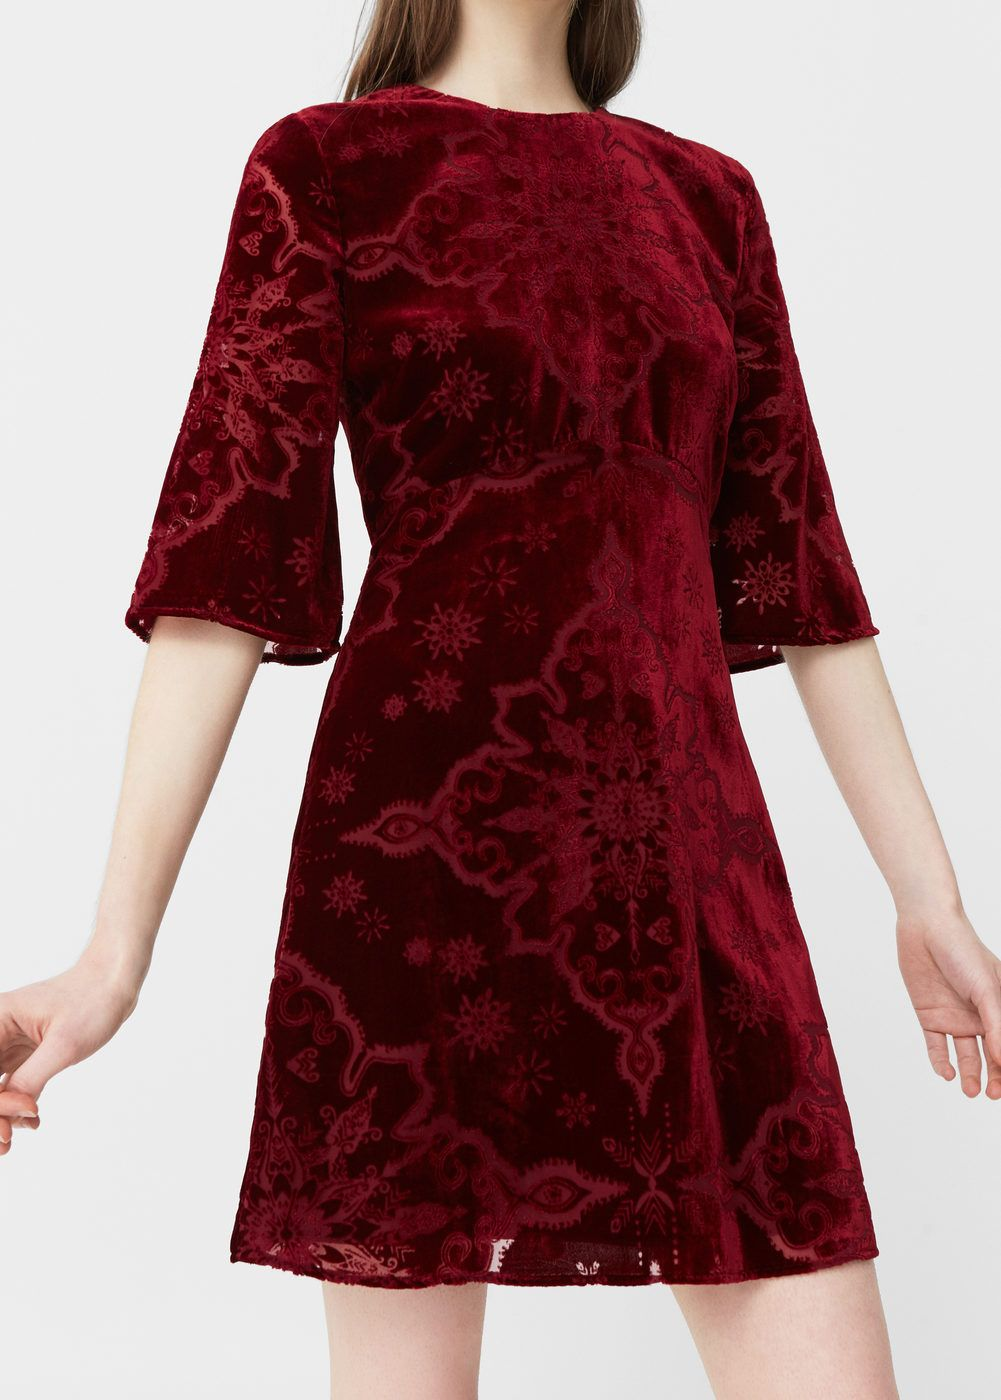 Samtkleid - Damen | Samtkleid, Mango und Für damen